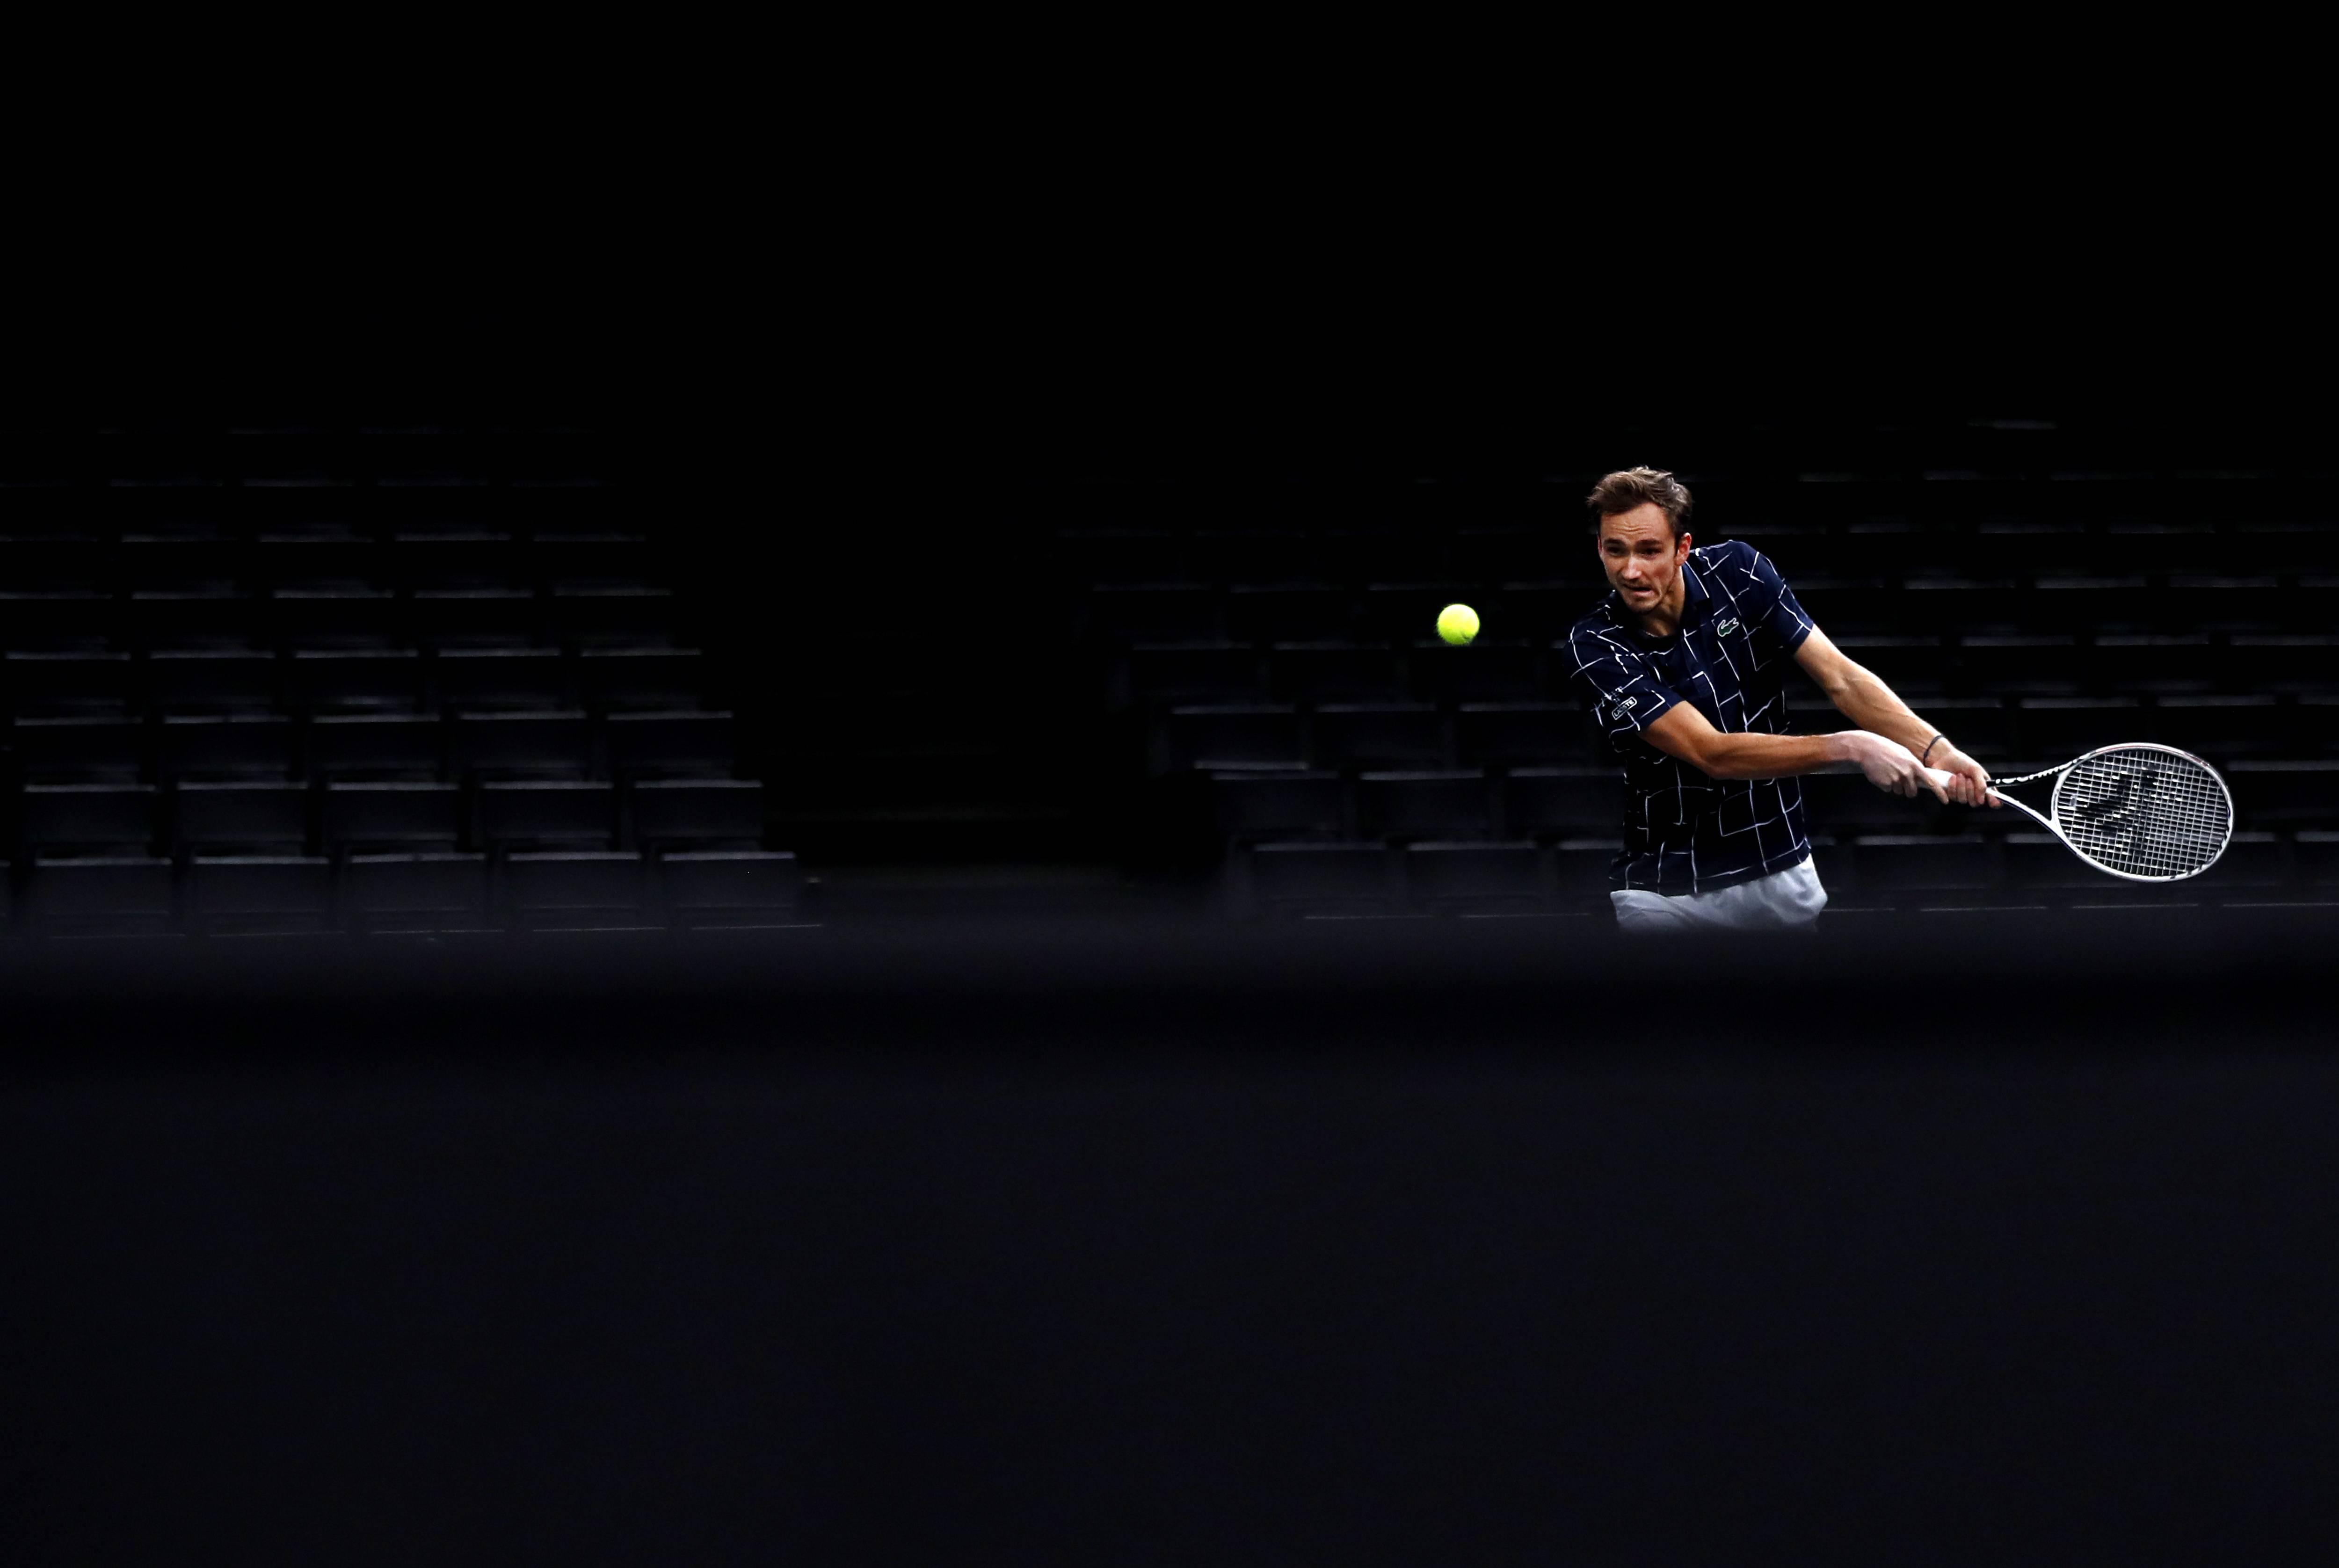 巴黎大师赛梅德韦杰夫晋级决赛,自去年上海大师赛后首进男单决赛